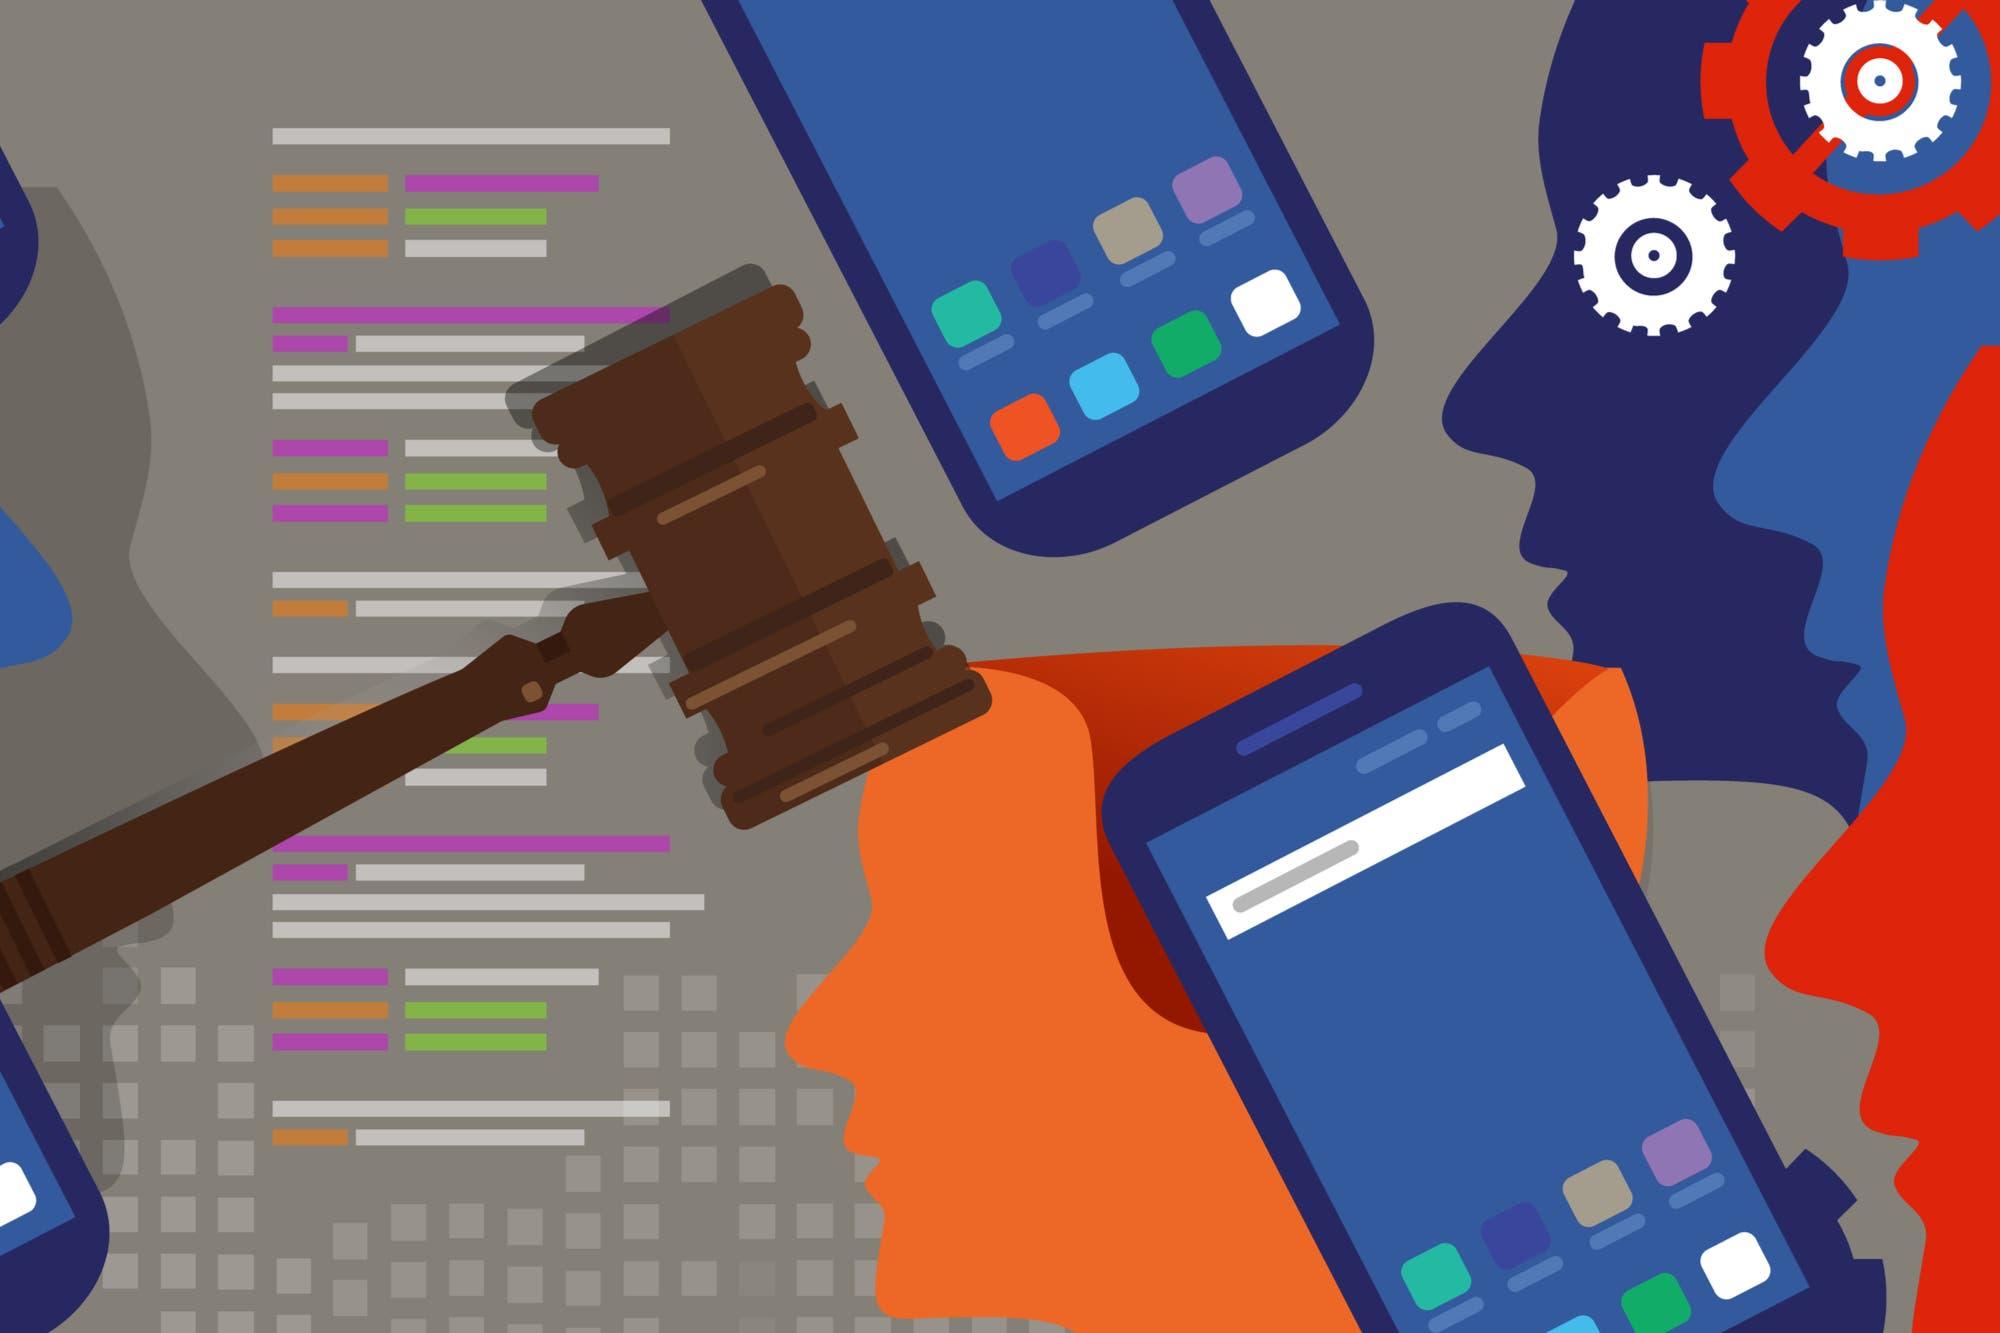 De la tiranía algorítmica al mercado de ADN, y de la cultura deepfake a la resurrección virtual: cómo debemos redefinir los derechos para el futuro